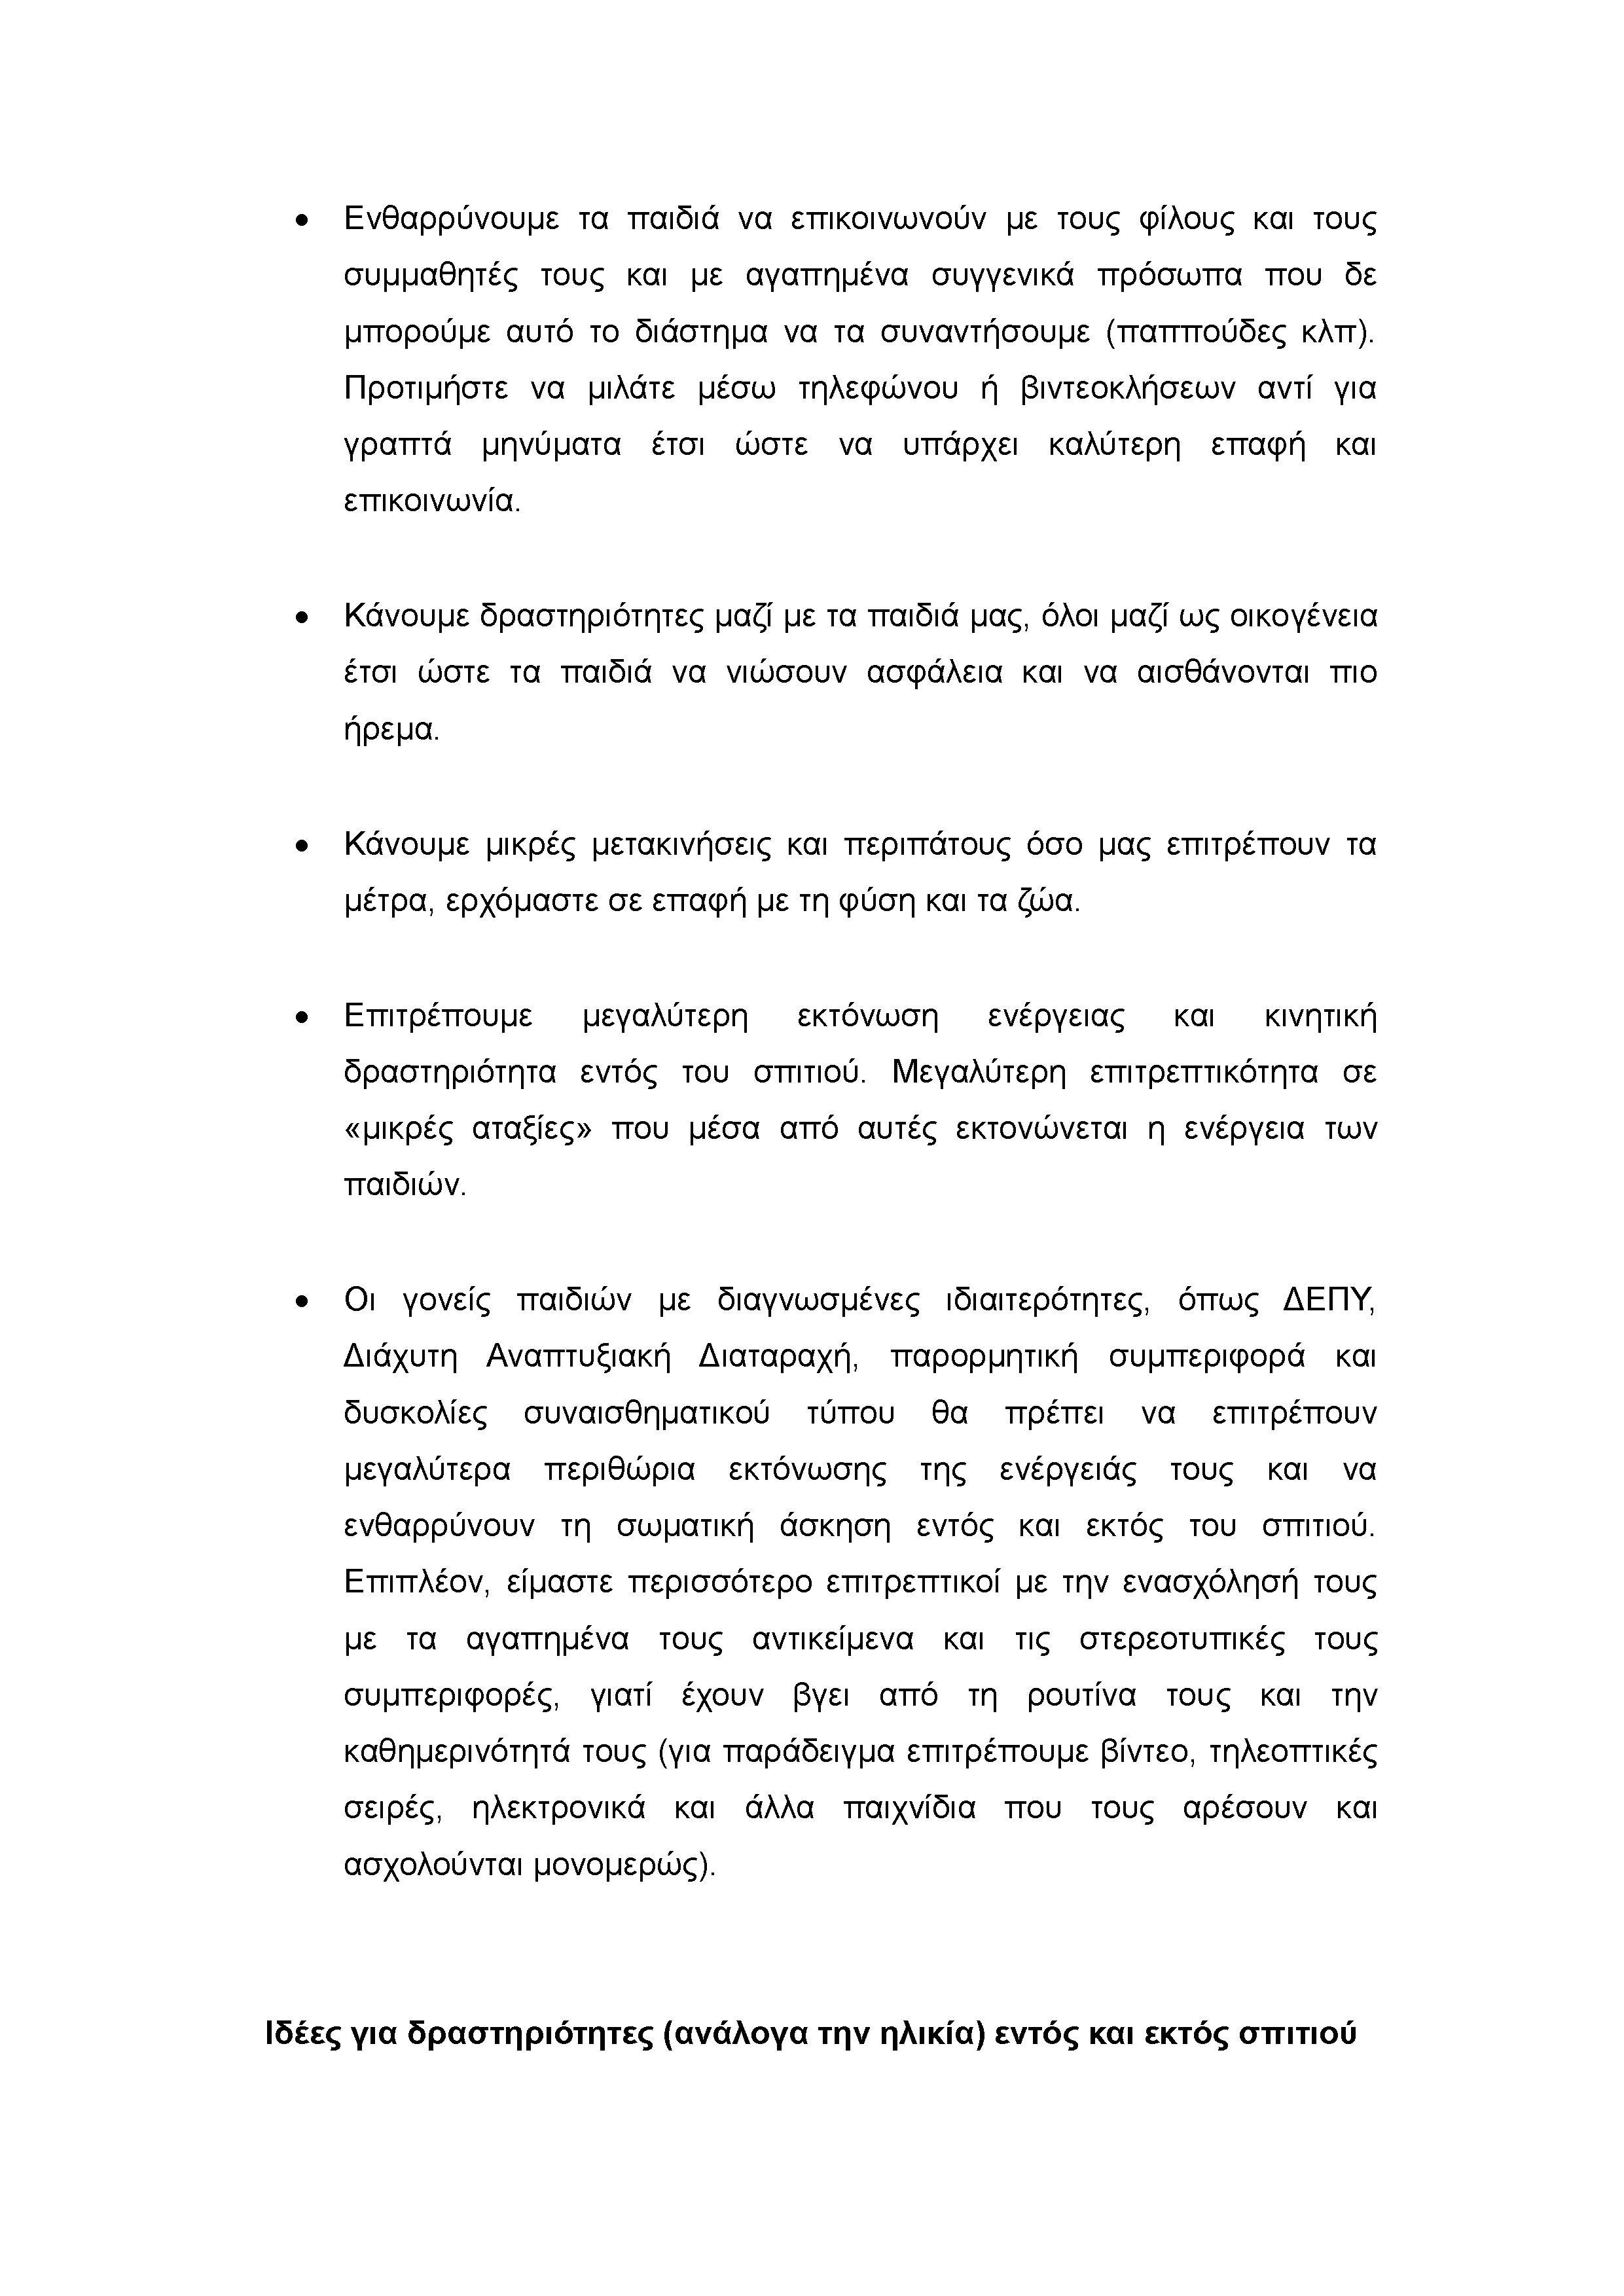 Ενδεικτικές-προτάσεις-από-το-ΚΕΣΥ-Αργολίδας-για-την-υποστήριξη-των-παιδιών-εν-μέσω-πανδημίας-COVID-19-3